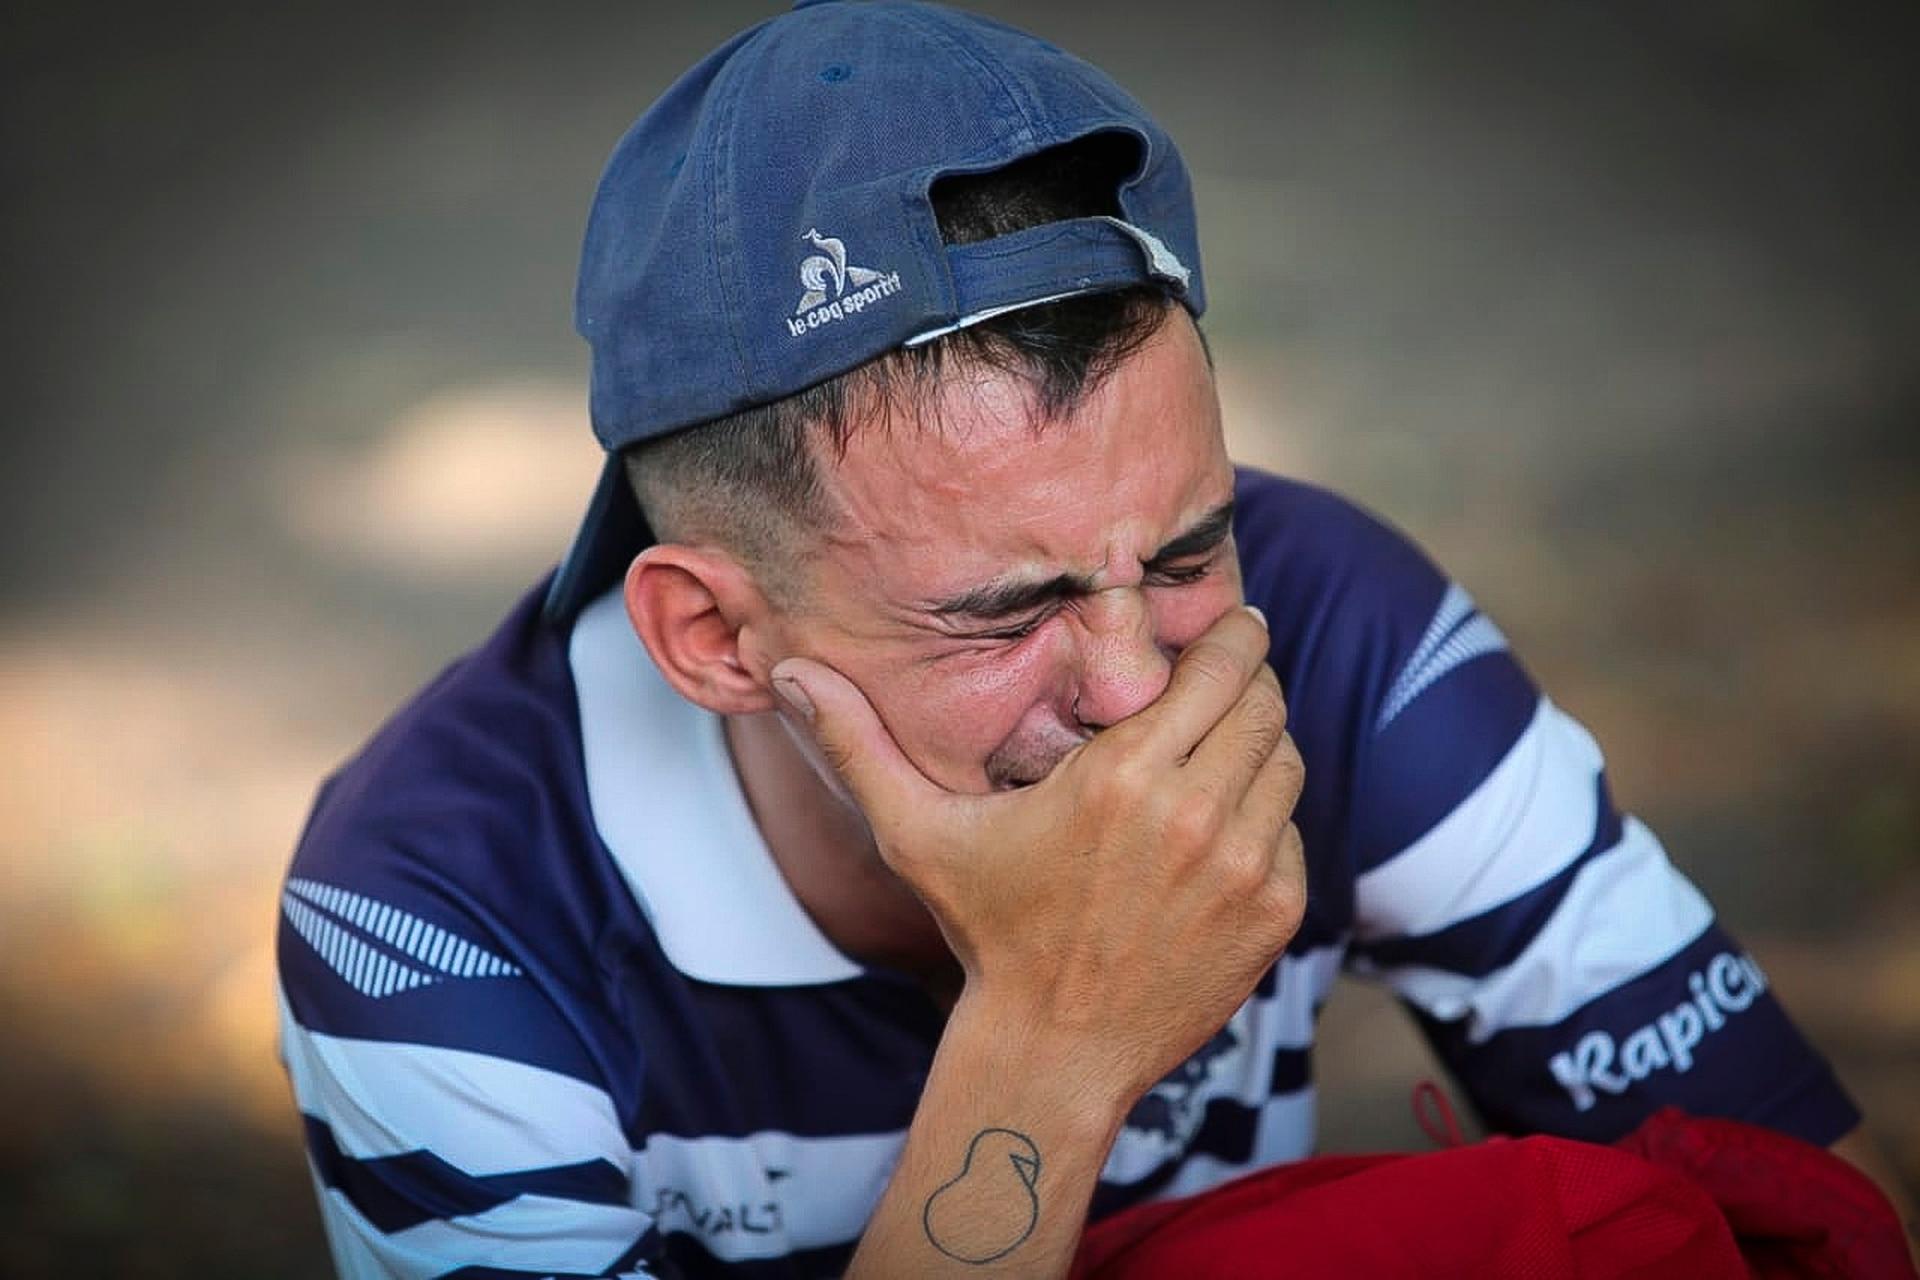 Lágrimas en las inmediaciones del estadio Carmelo Zerillo de Gimnasia y Esgrima de la Plata por la muerte de Diego Maradona